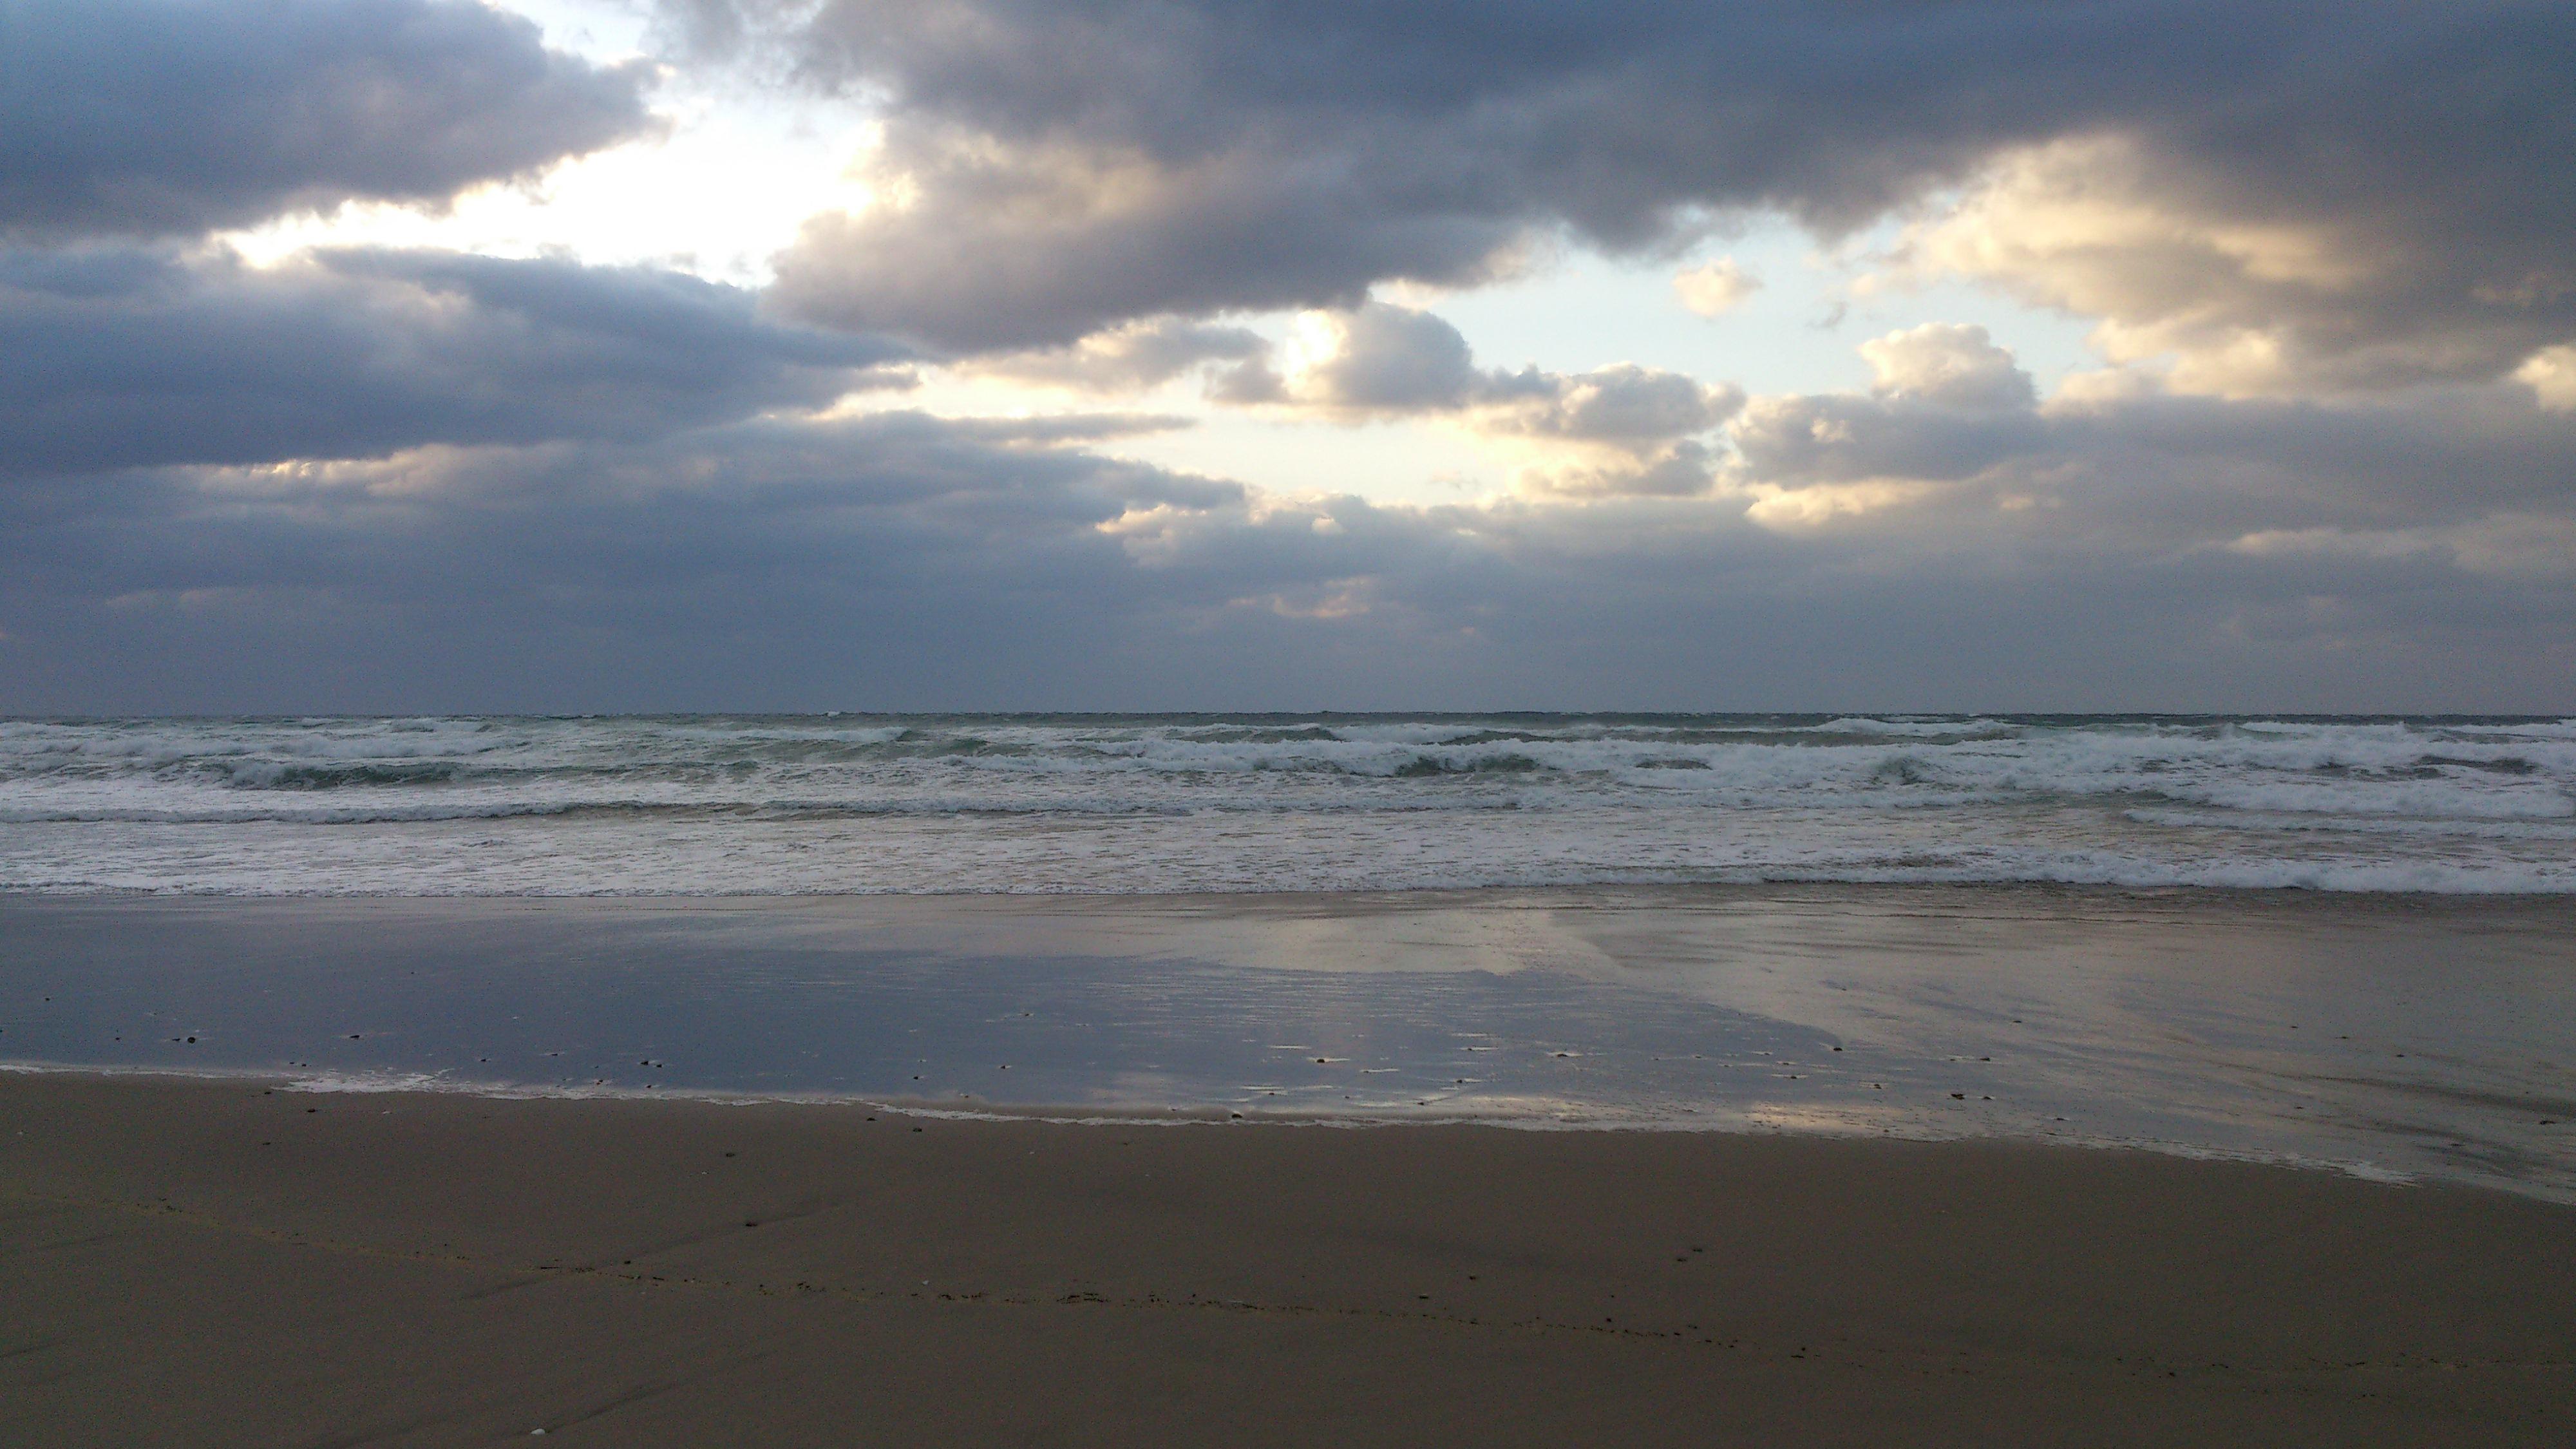 2012年12月。僕は種子島を一人で旅した:ただただ美しい種子島の海